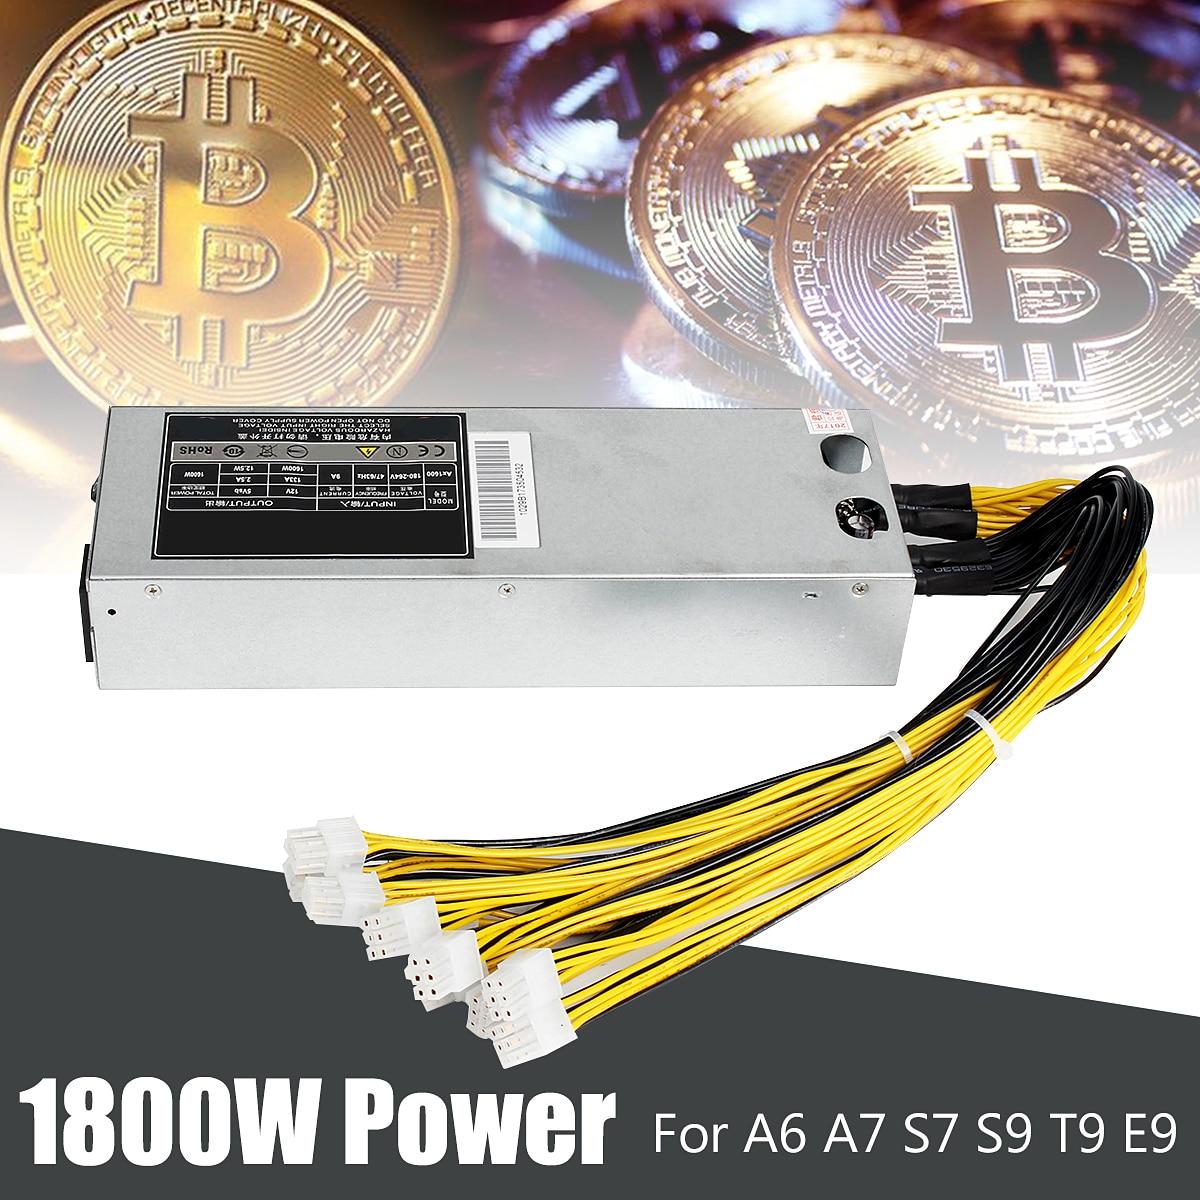 Leory 1800 w Alimentation Pour A6 A7 S7 S9 T9 E9 Série Mineur Minière Machine Ordinateur Minière Métal PC alimentation Avec Câble